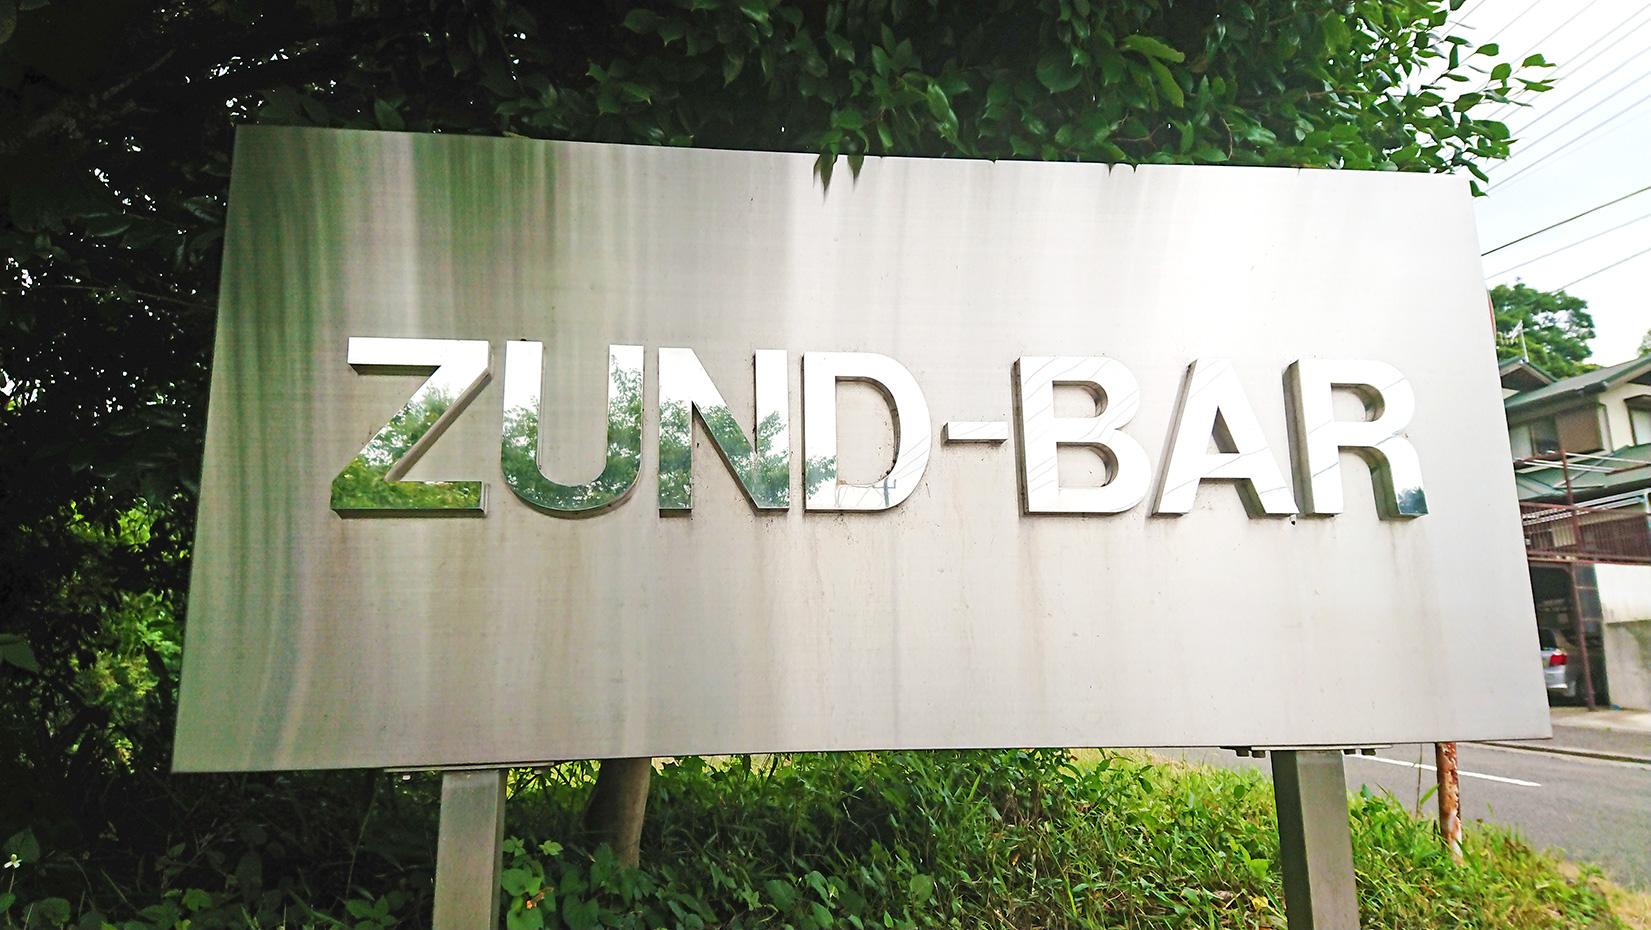 総本店 ZUND-BAR 20周年記念グッズ 先行販売中!